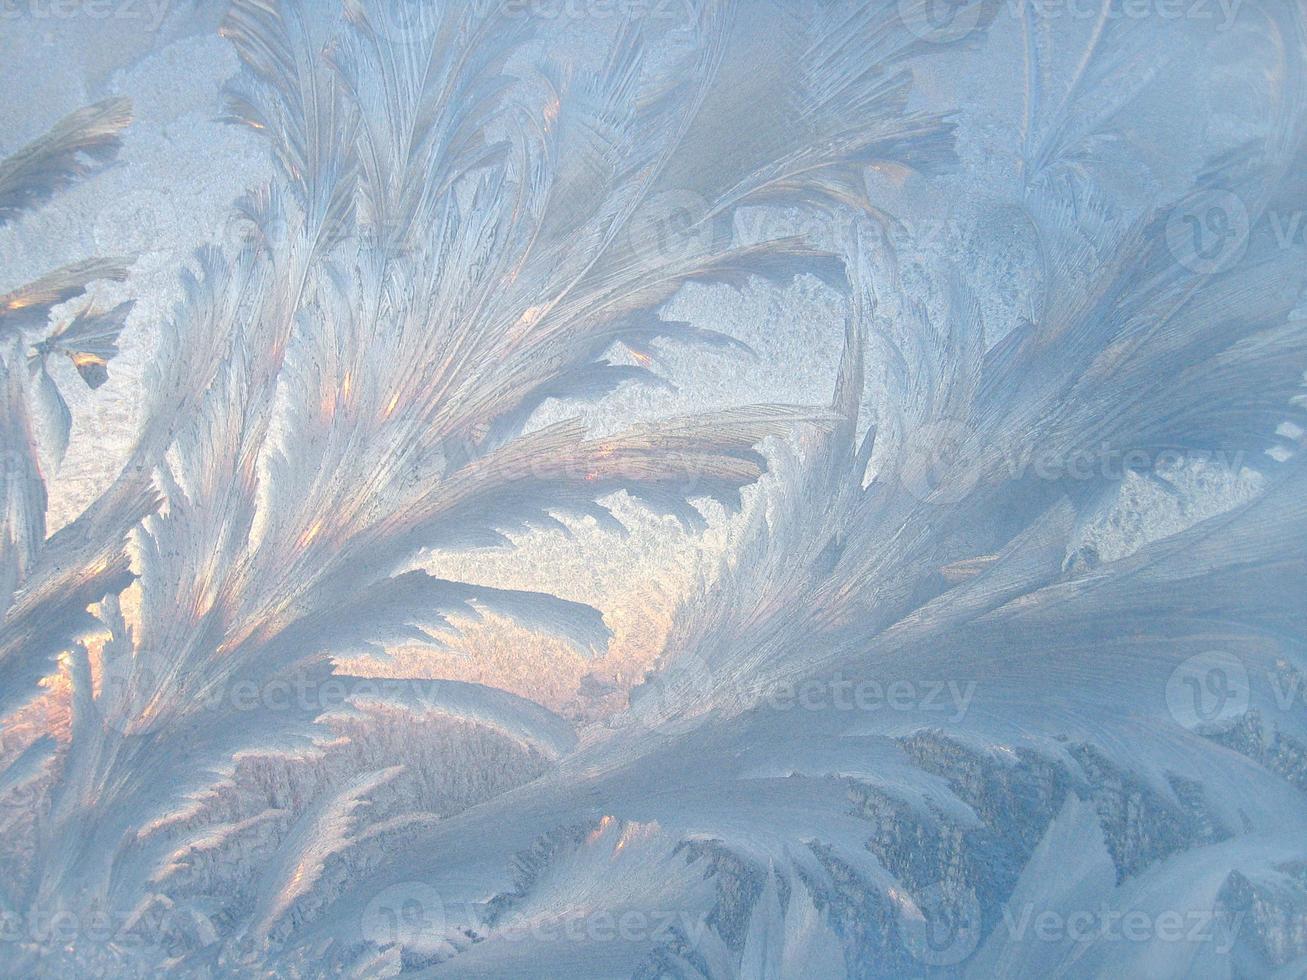 ismönster på vinterglas foto